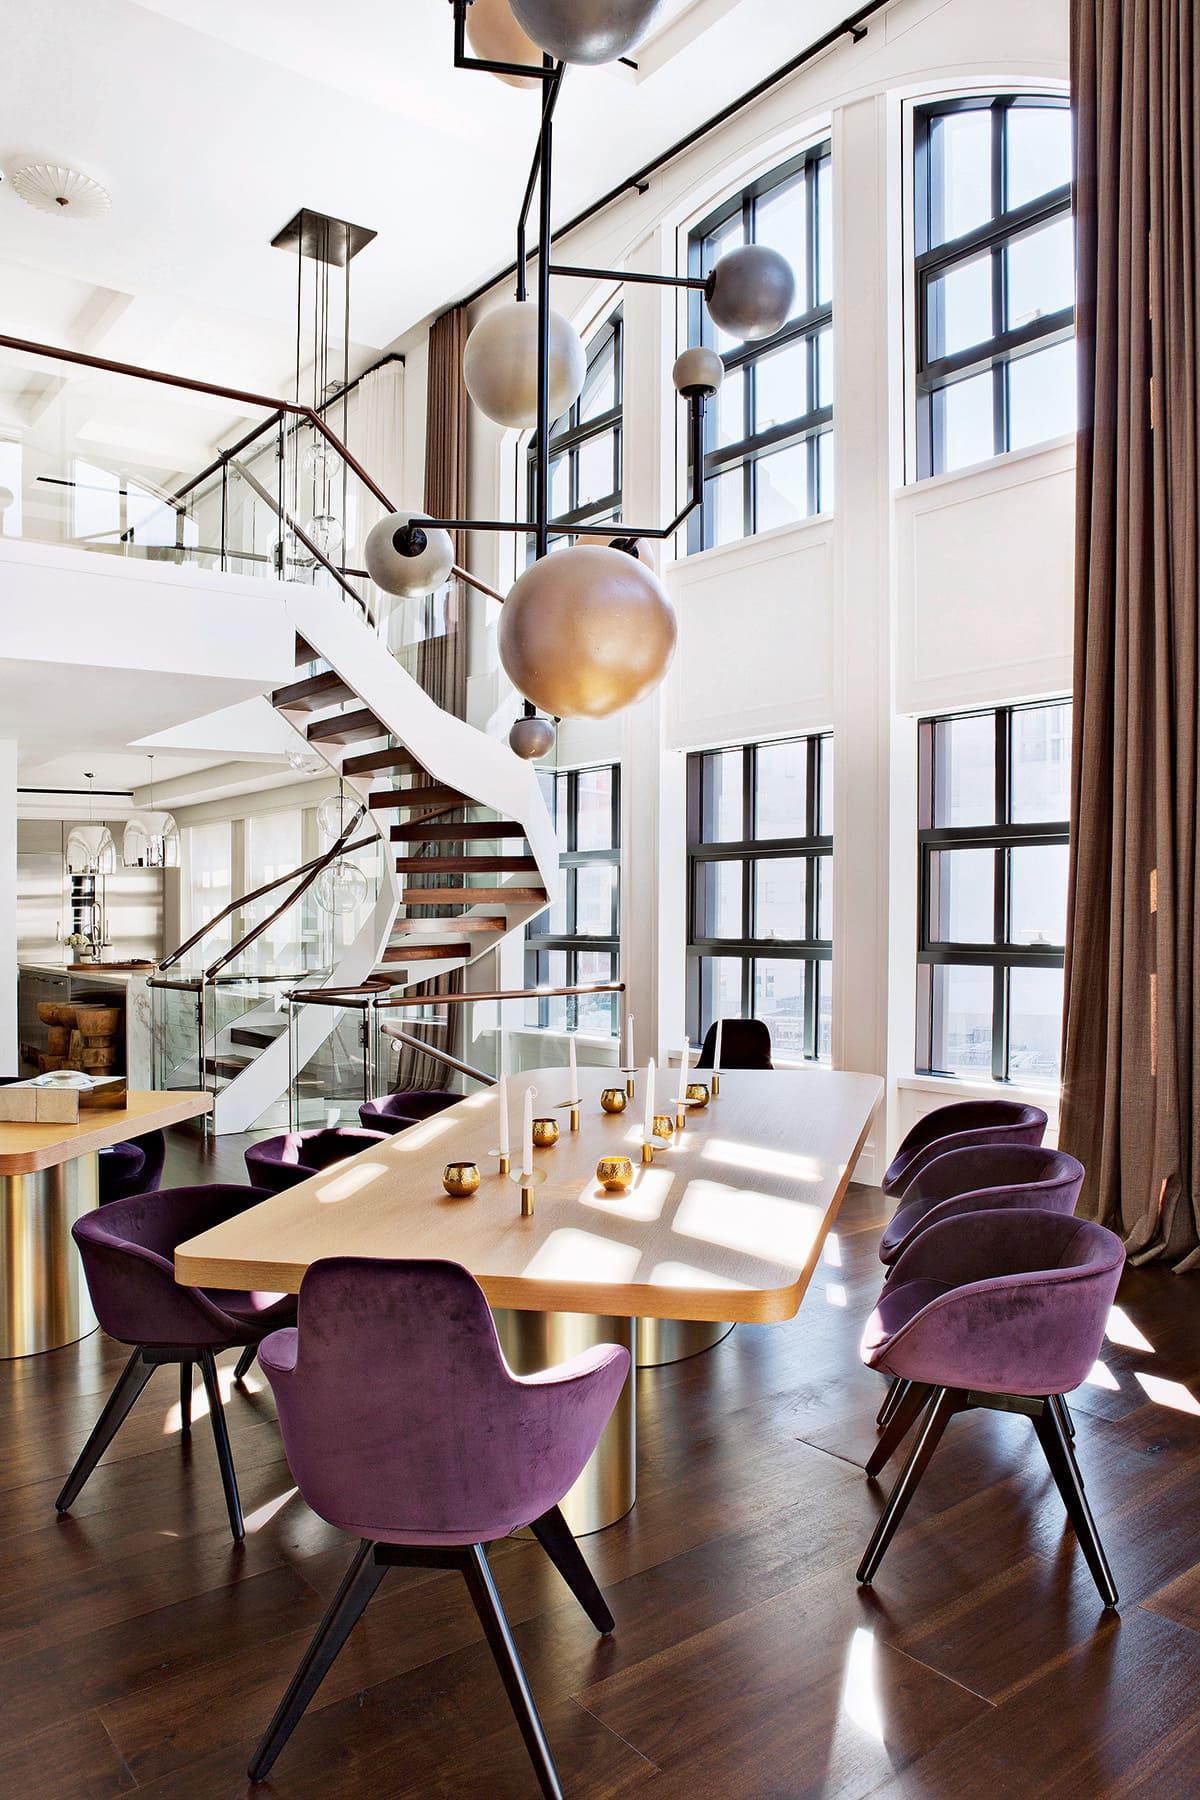 couleur violette à l'intérieur photo 3